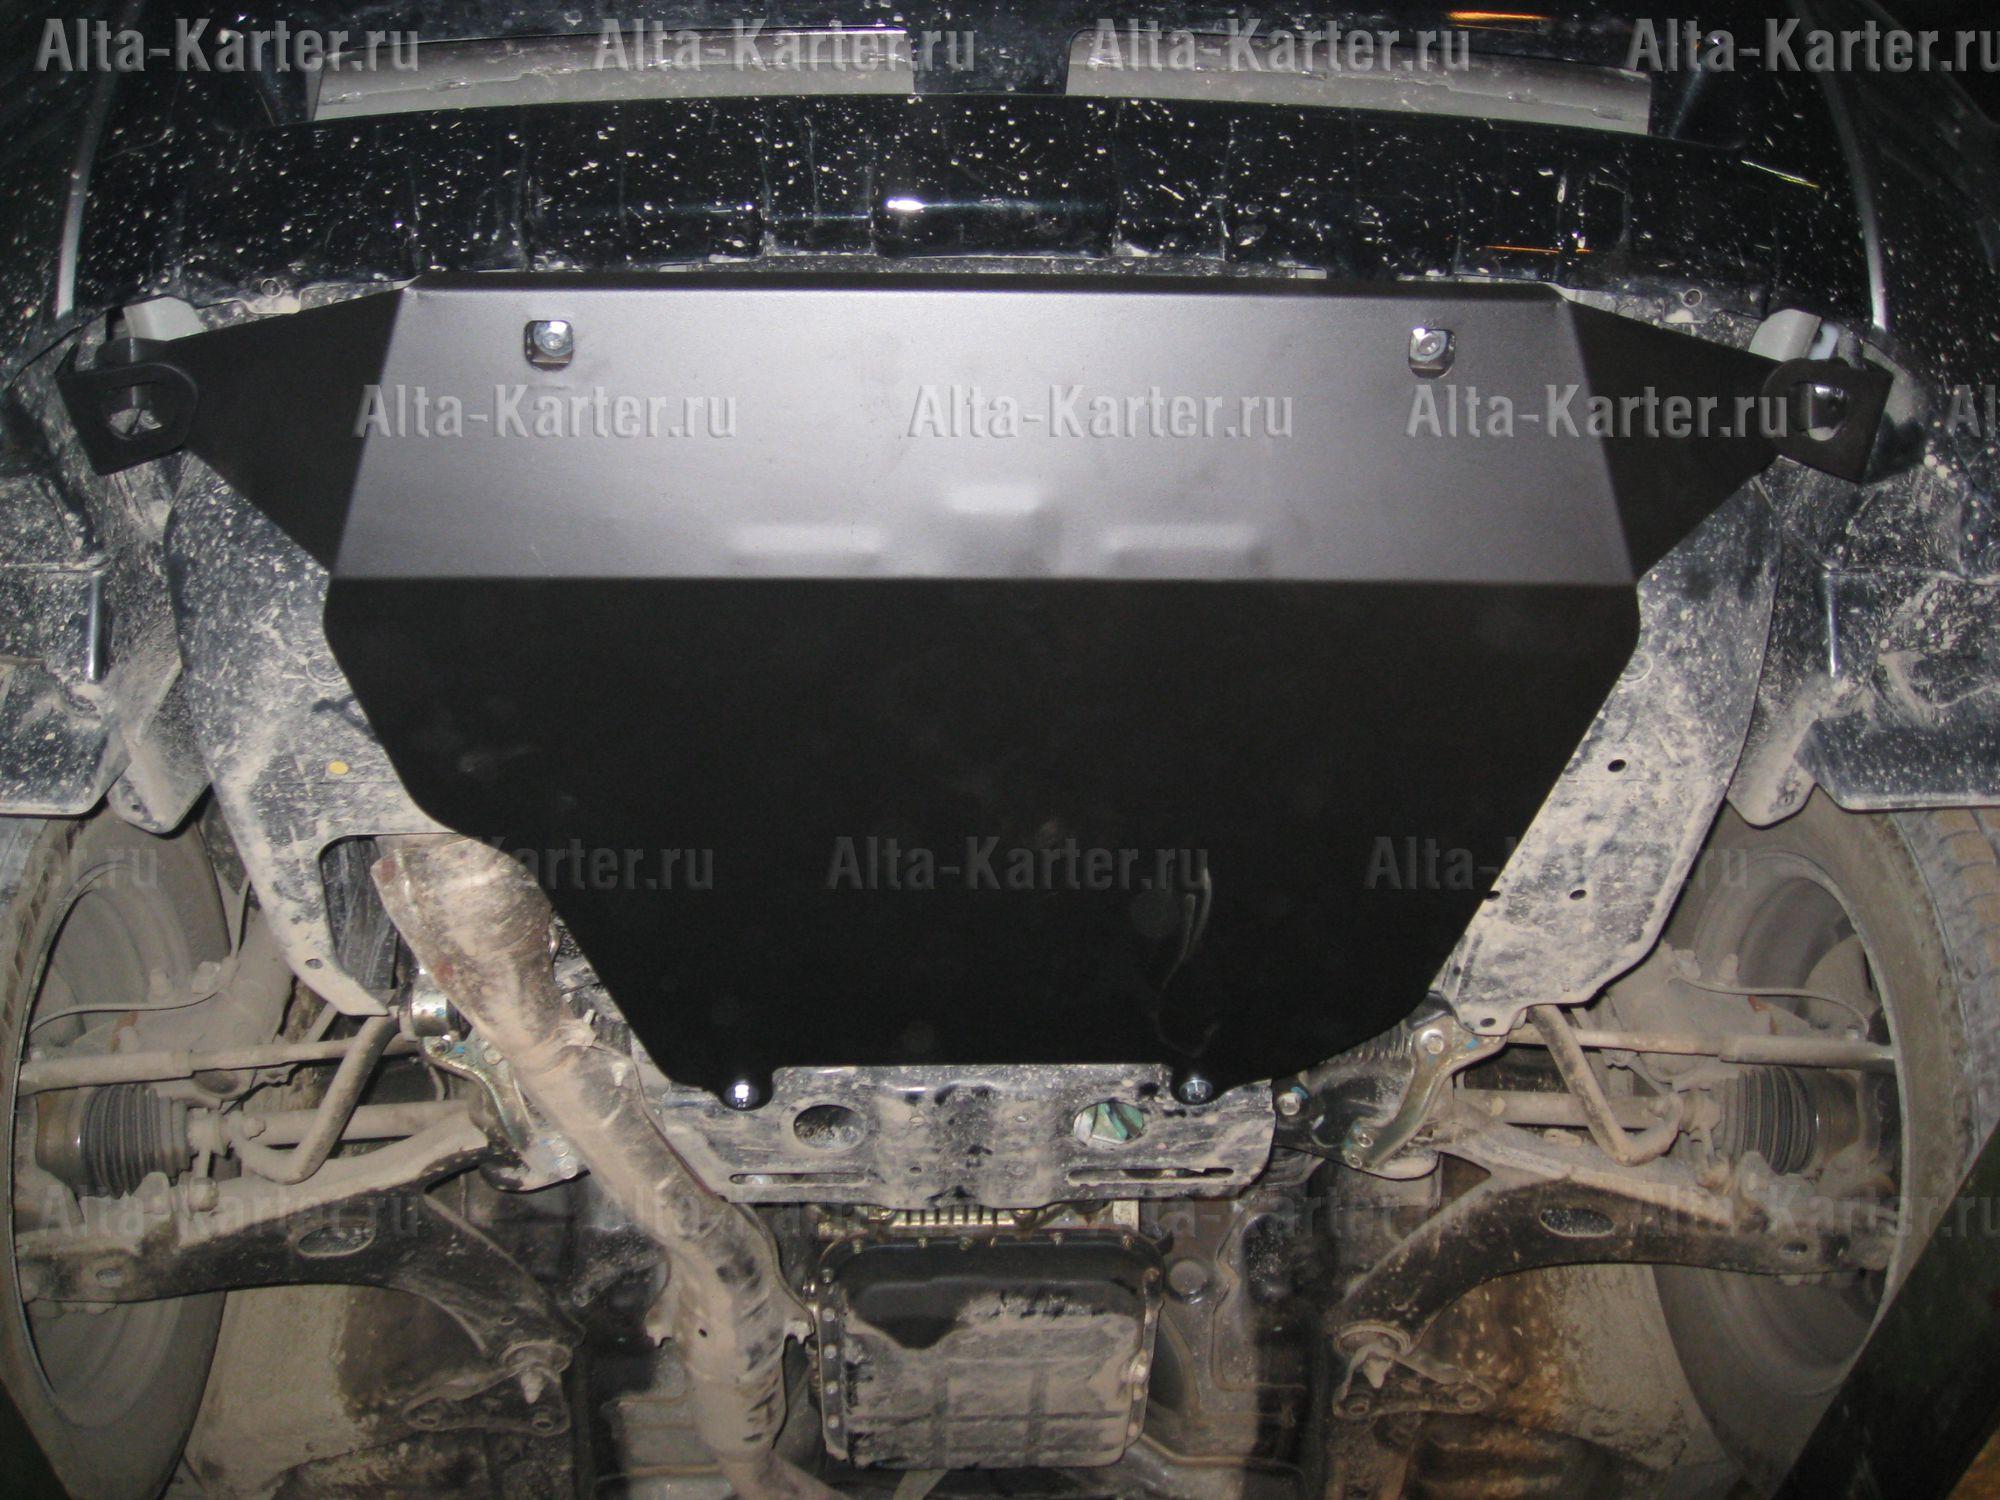 Защита Alfeco для картера (большая) Subaru Forester III 2008-2012. Артикул ALF.22.18